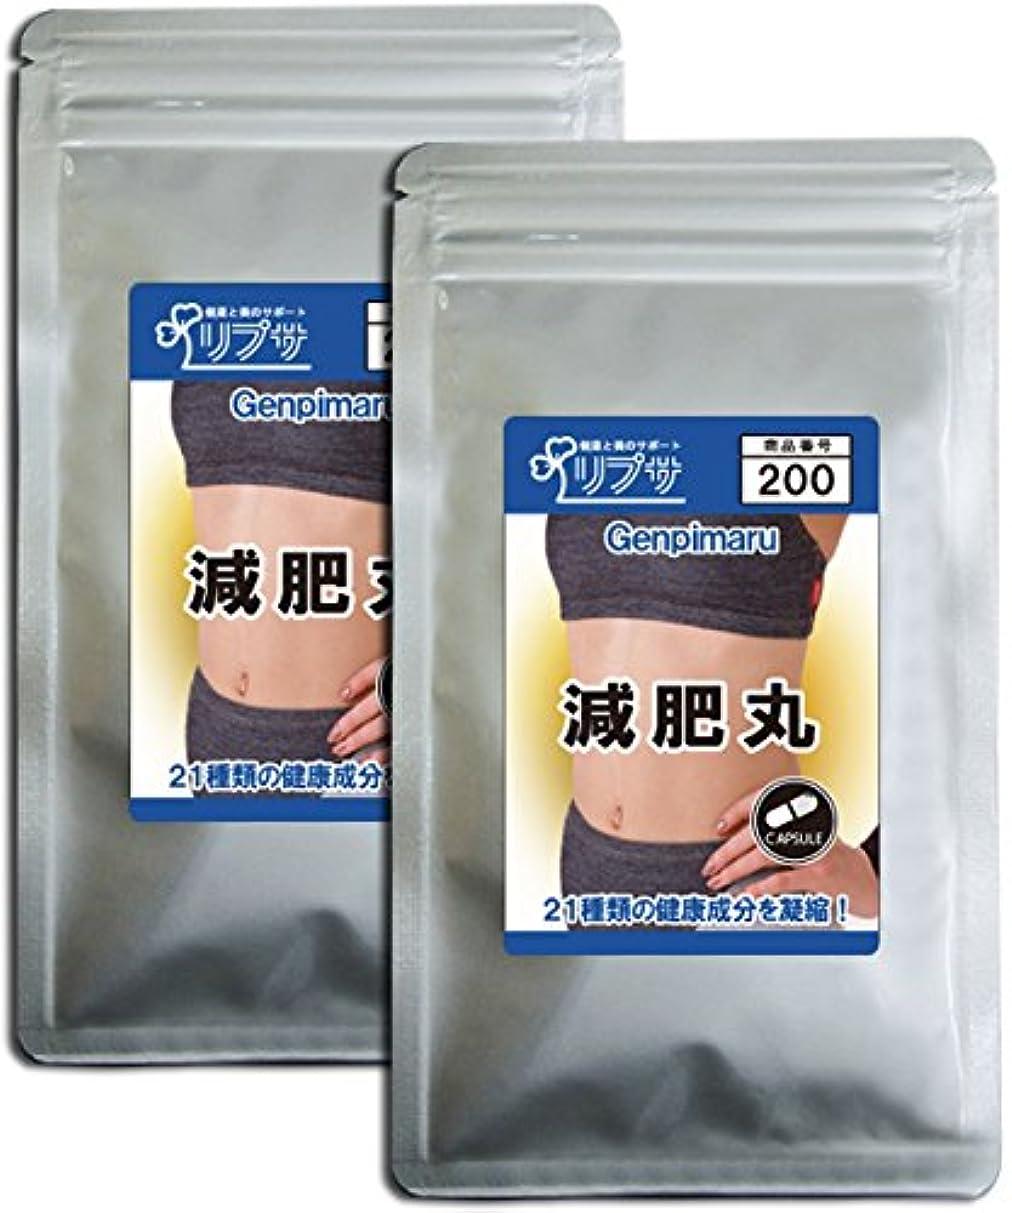 おとなしいく振幅減肥丸 約3か月分×2袋 C-200-2